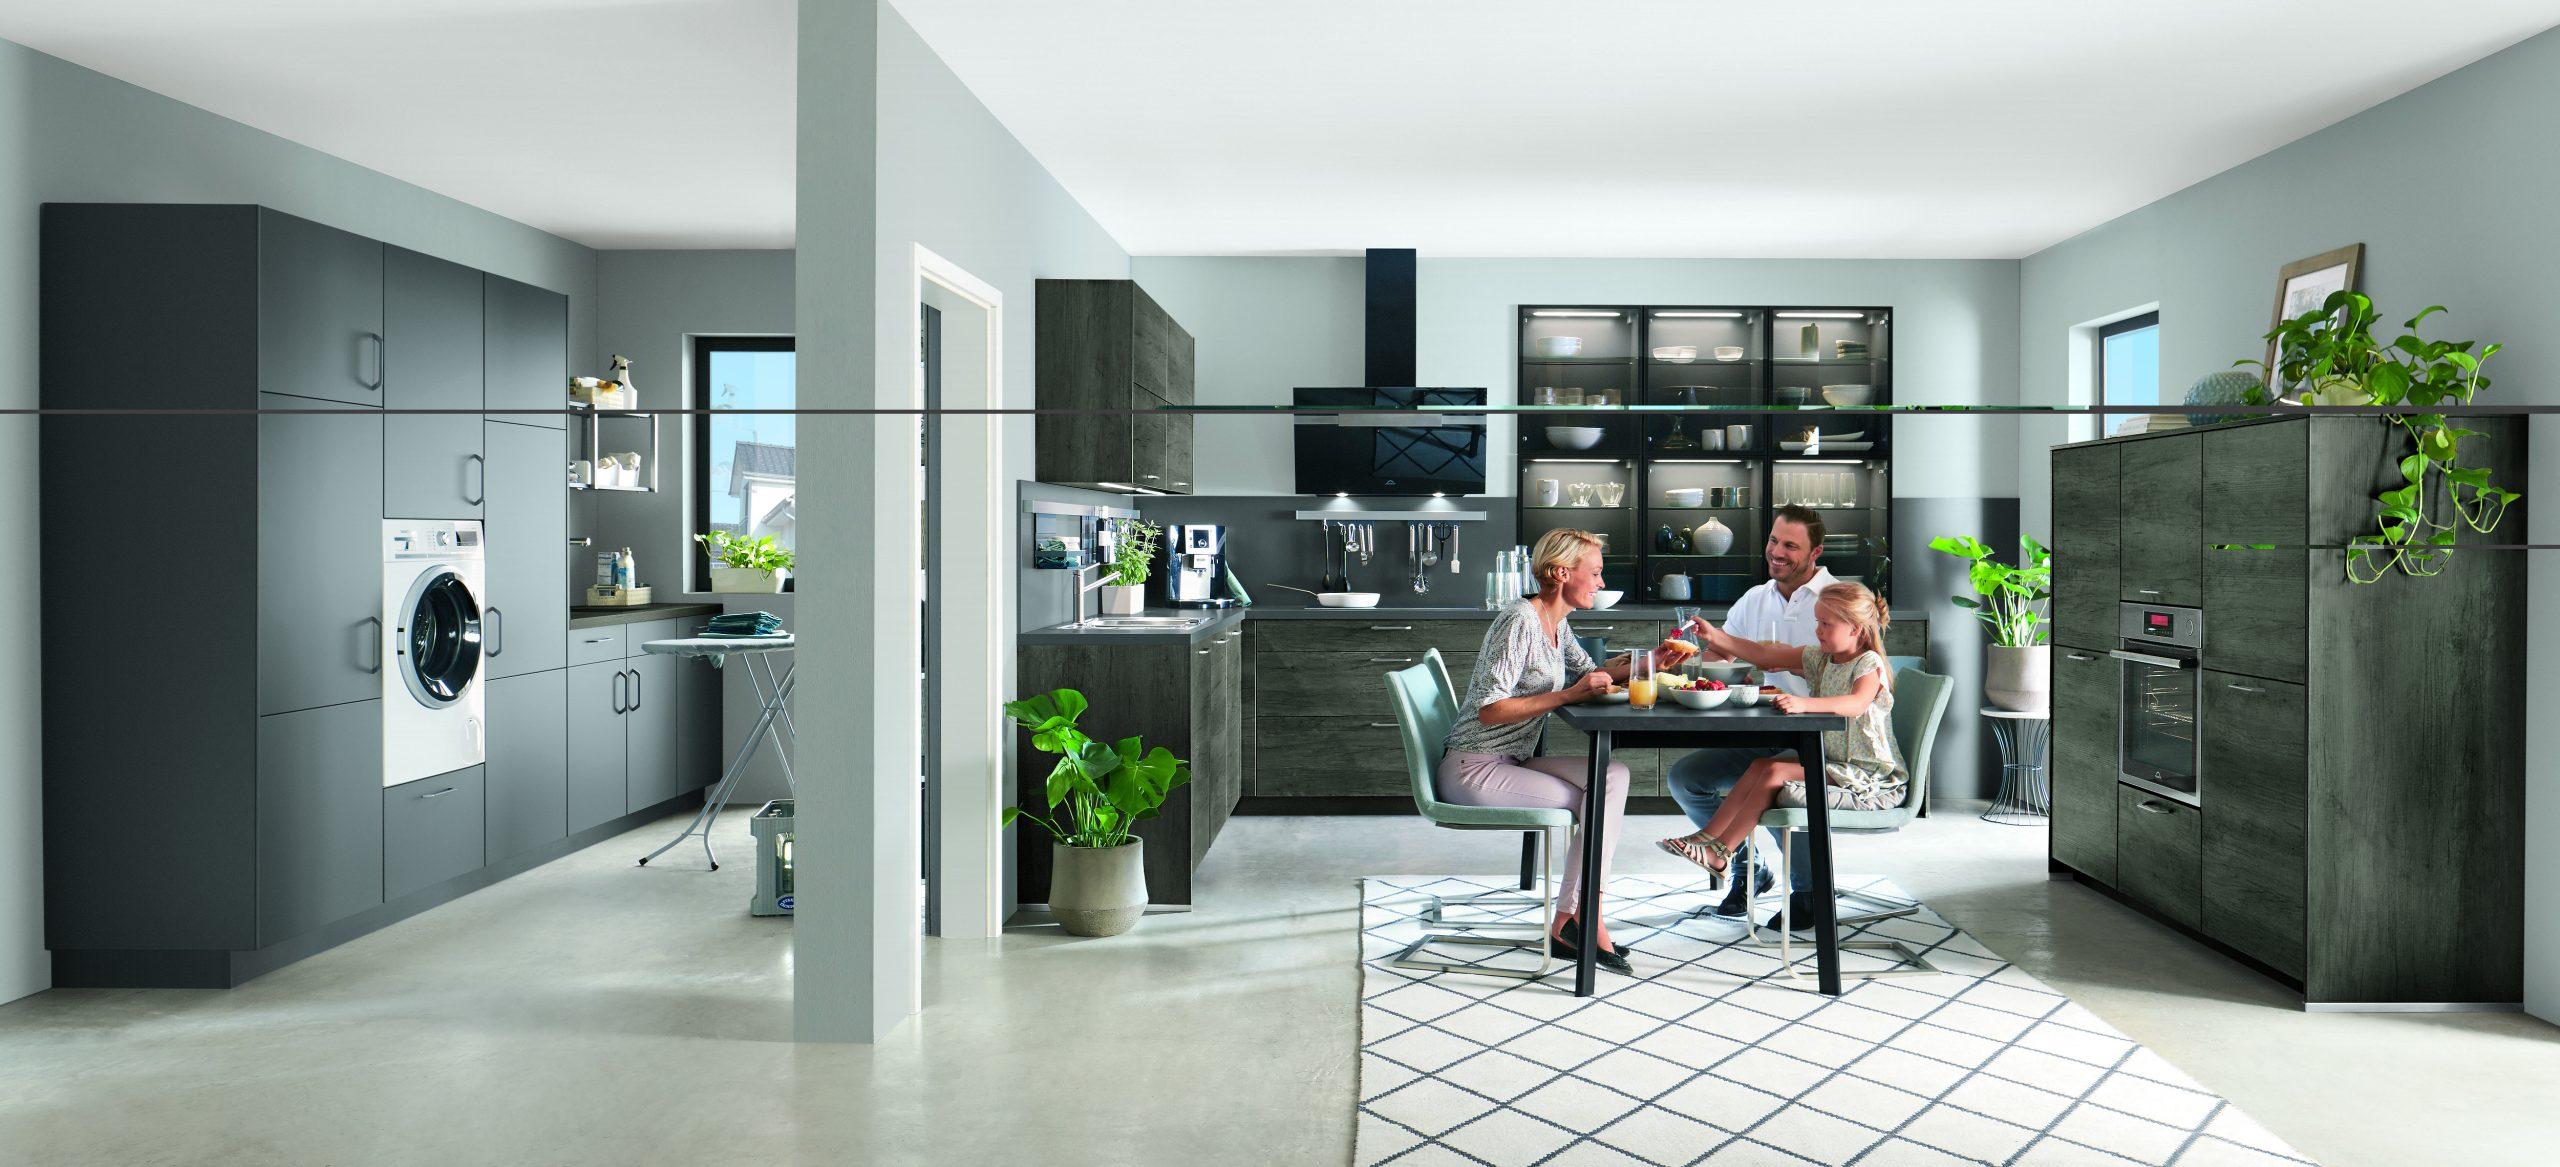 Full Size of Küche Planen Kleiner Raum Beleuchtung Küche Planen Küche Planen Online Ikea Küche Planen Vor Ort Küche Küche Planen